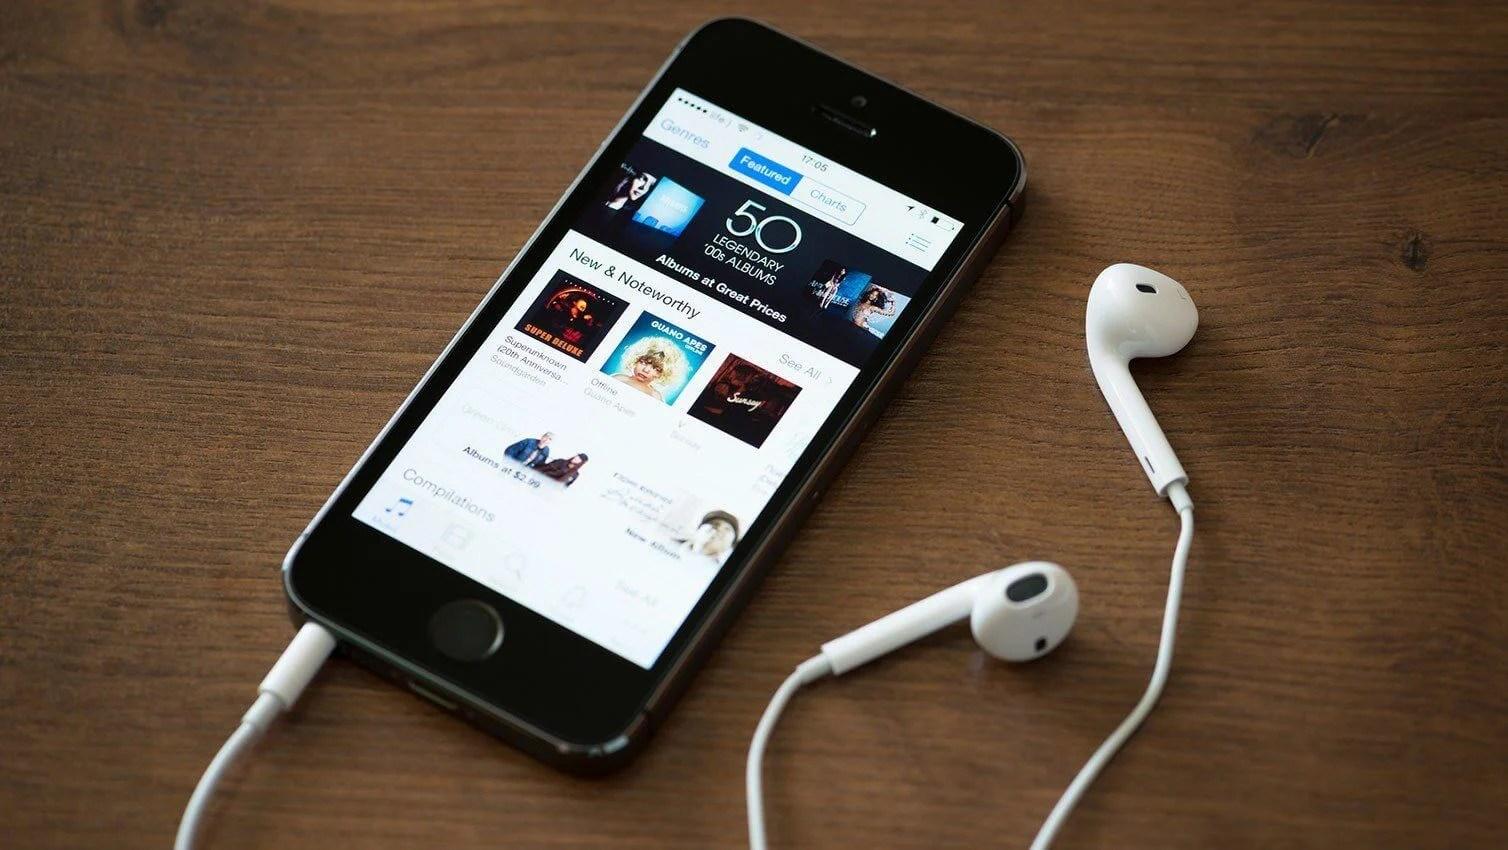 itunes on iphone podcast headphones 24 - Apple está trabalhando em novas funções para podcasts